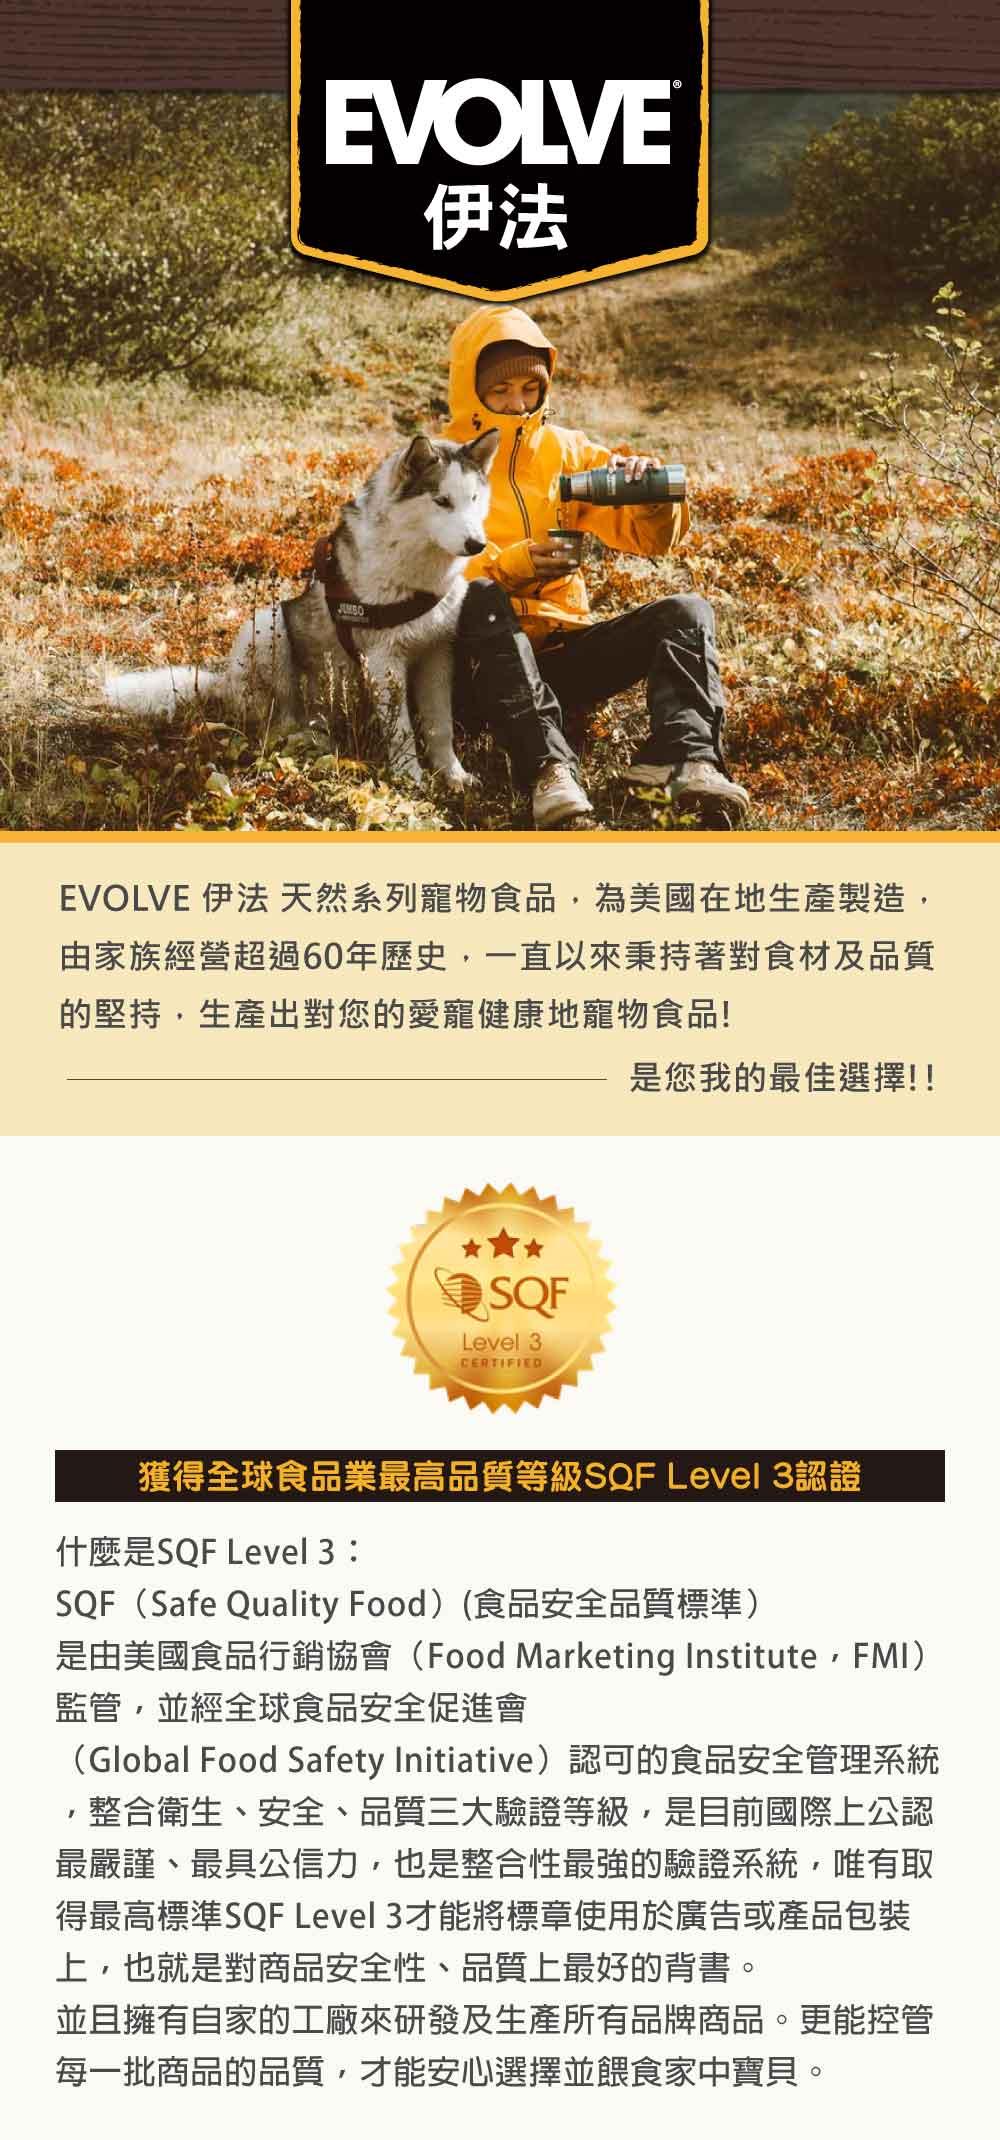 EVOLVE 伊法 天然系列寵物食品 - 力奇寵物-網購寵物用品NO.1